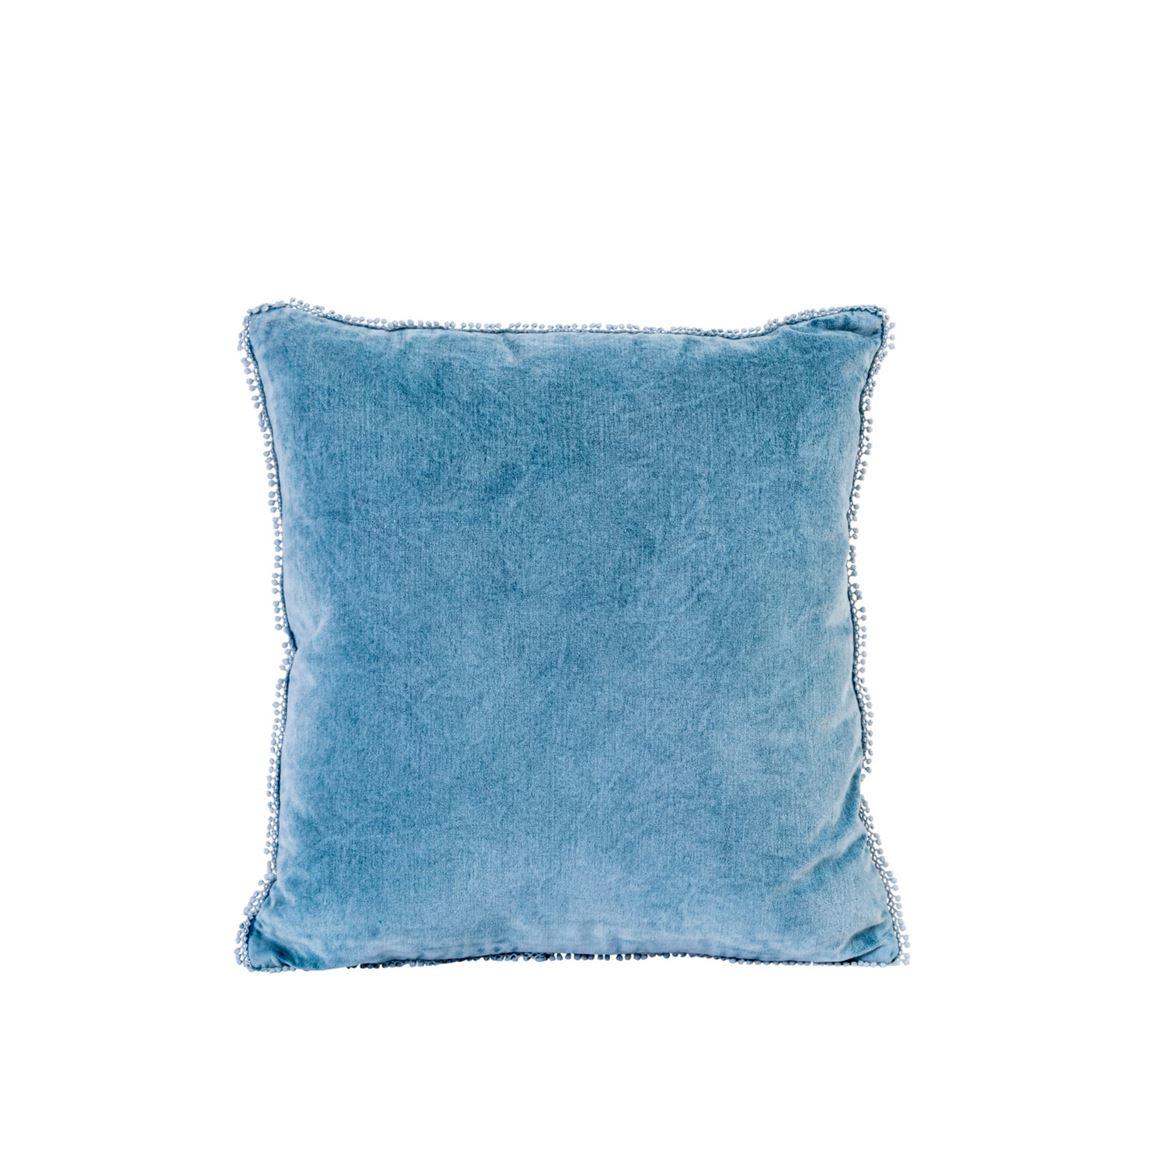 Milani Coussin Bleu Larg. 45 X Long. 45 Cm à Coussin Bleu Turquoise